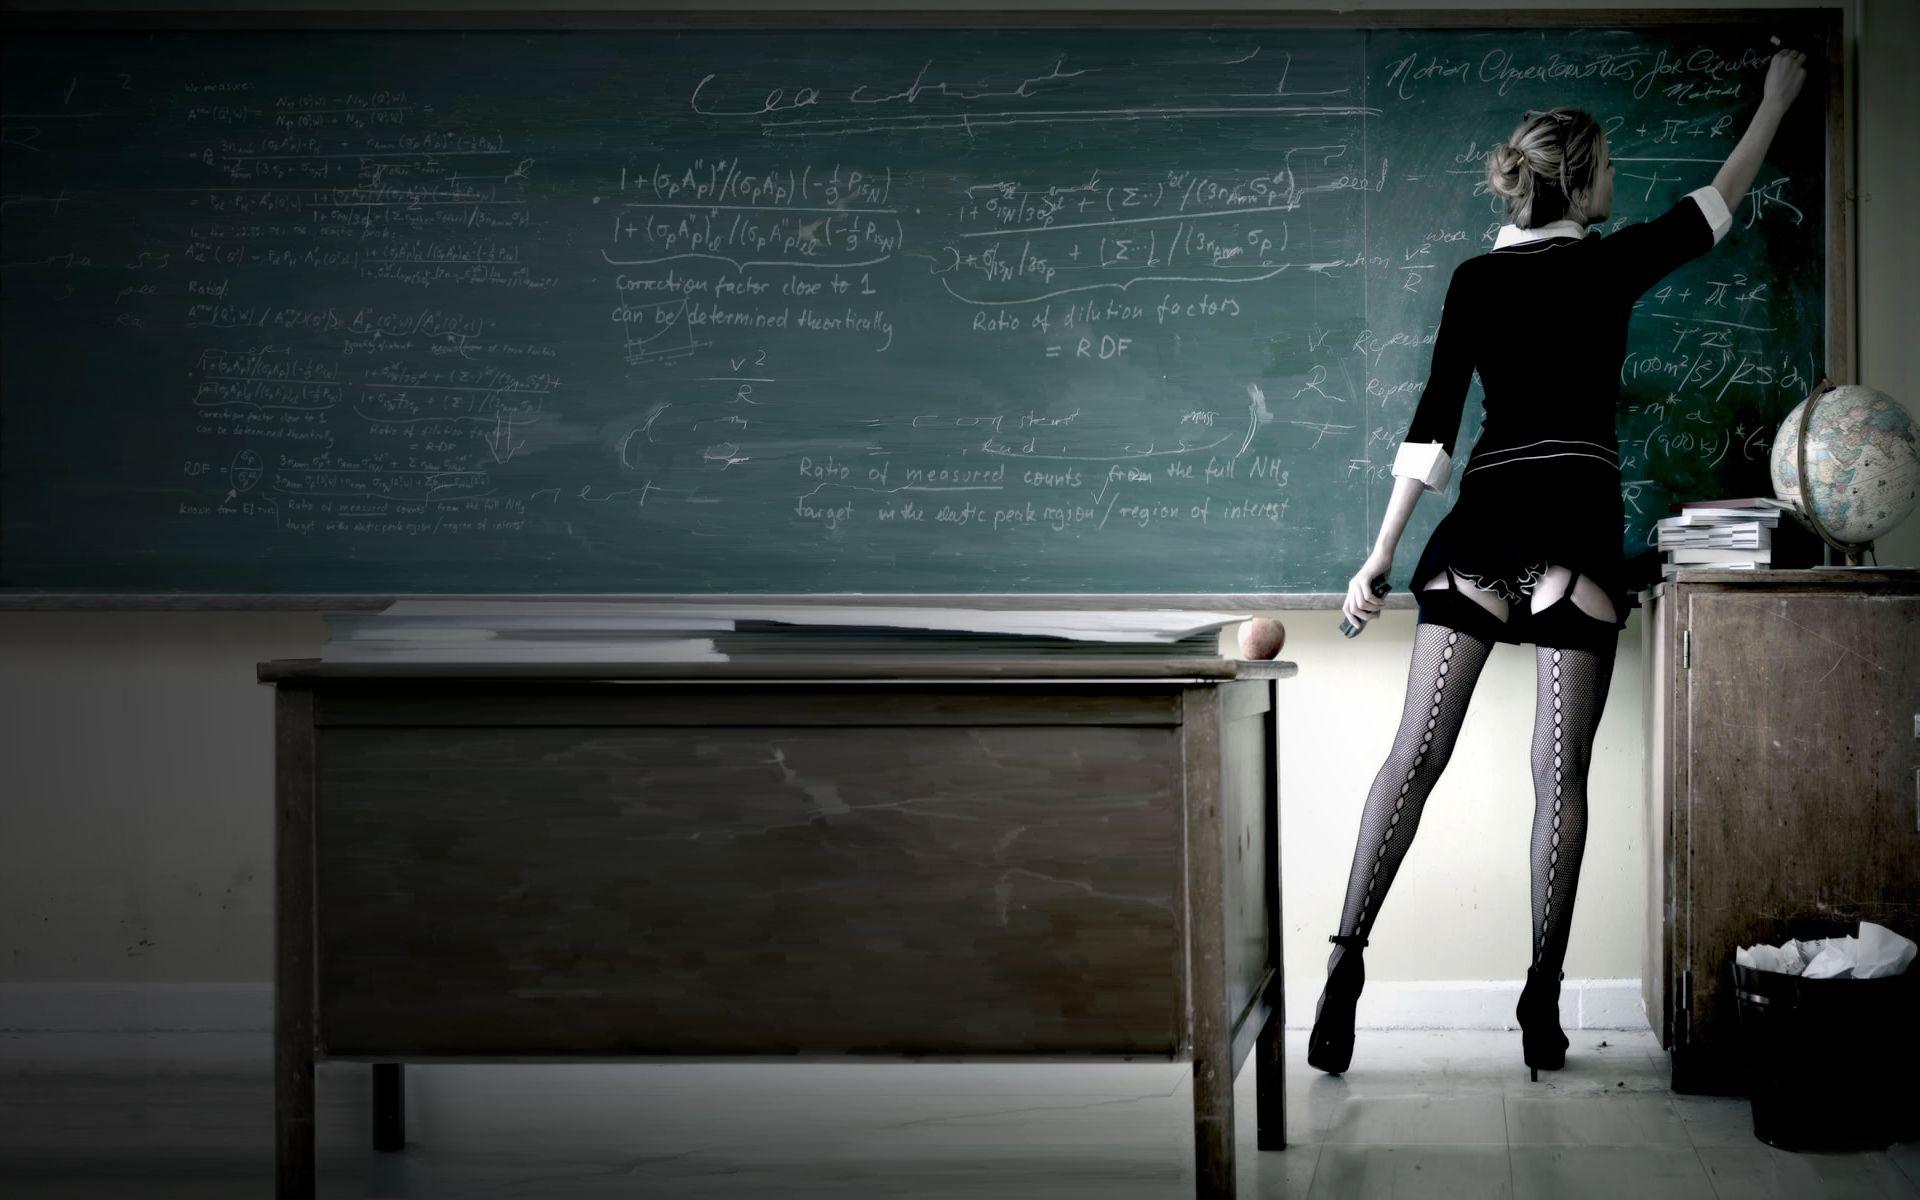 Mỹ: Nữ giáo viên gạ tình rồi quan hệ với học sinh trong lớp học